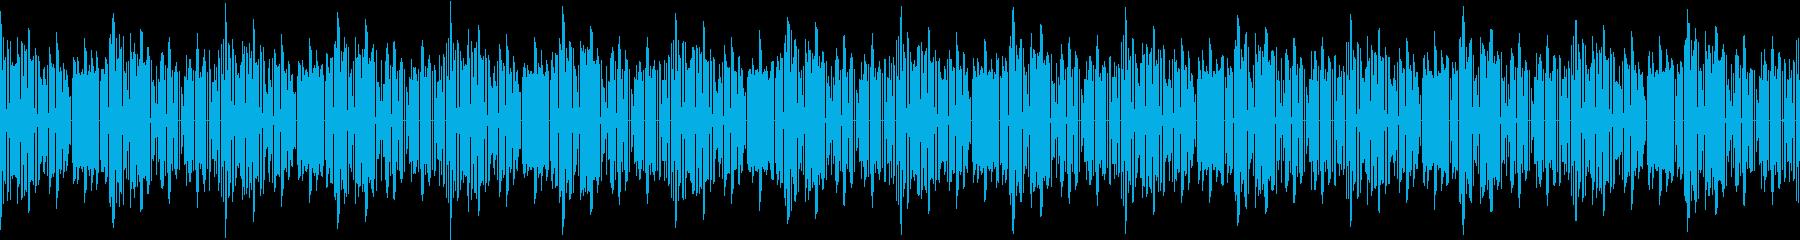 和風なファミコン風ゲームBGMの再生済みの波形